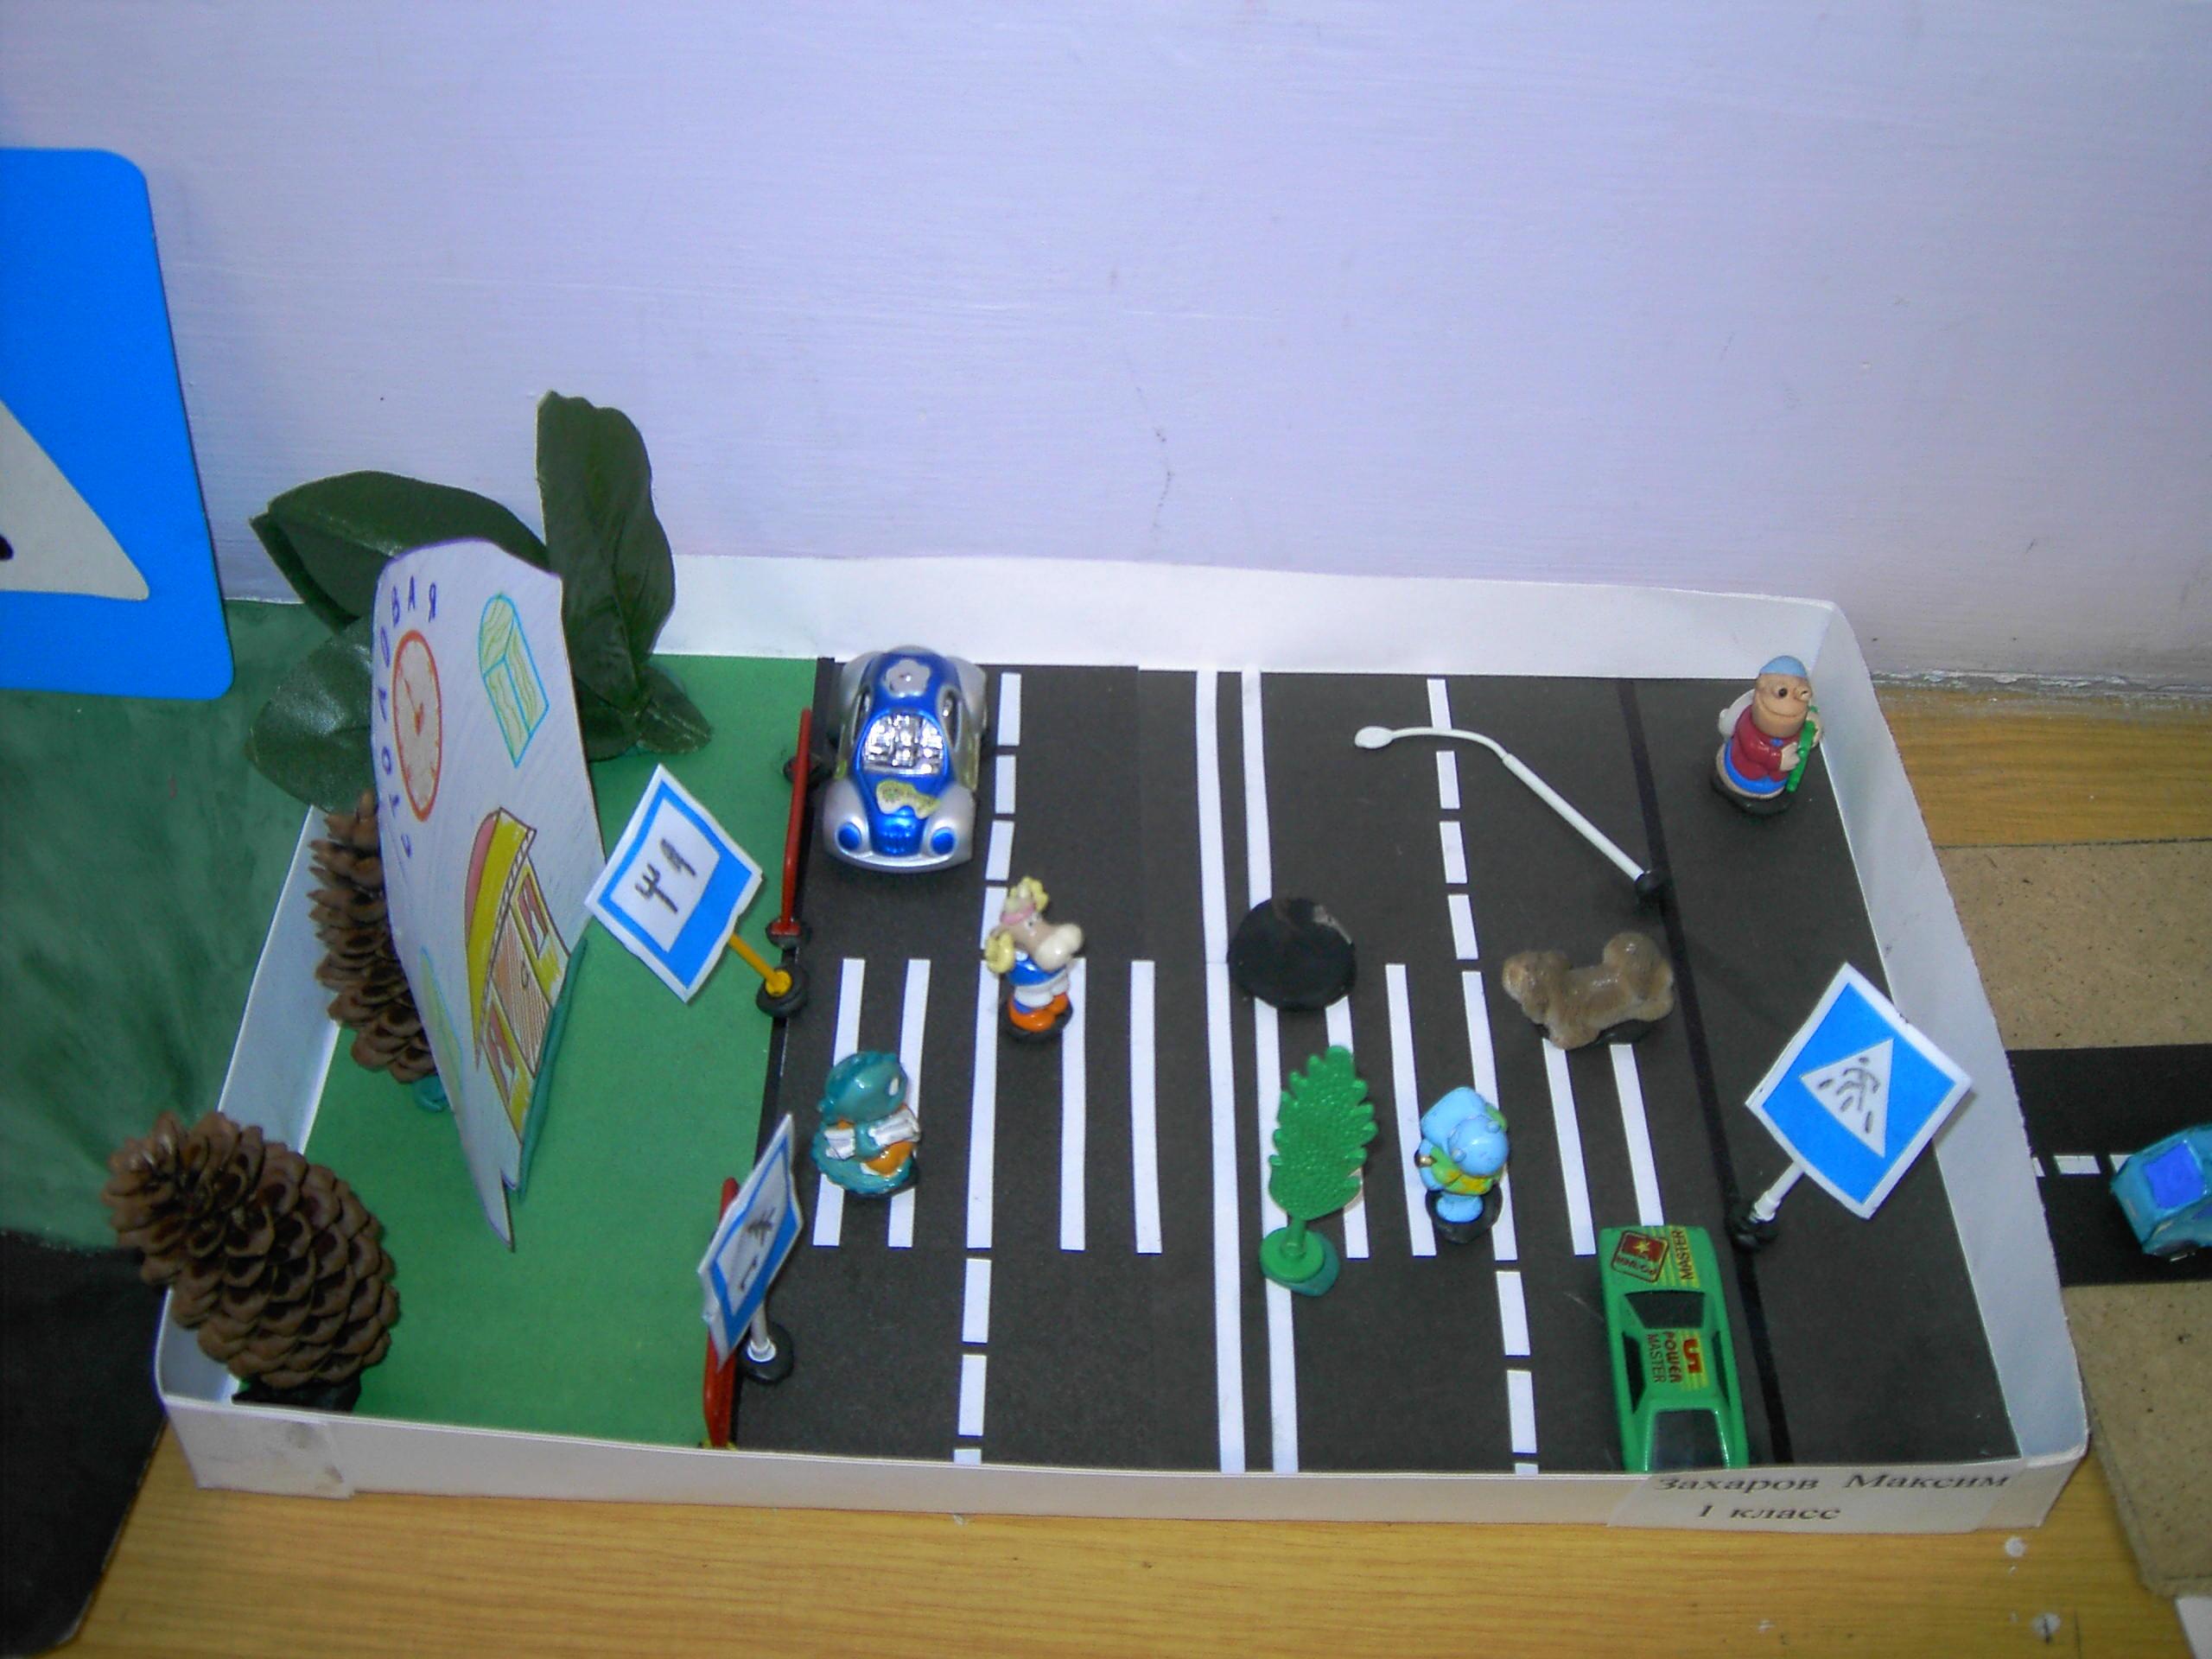 Поделки по правилам дорожного движения своими руками для школы